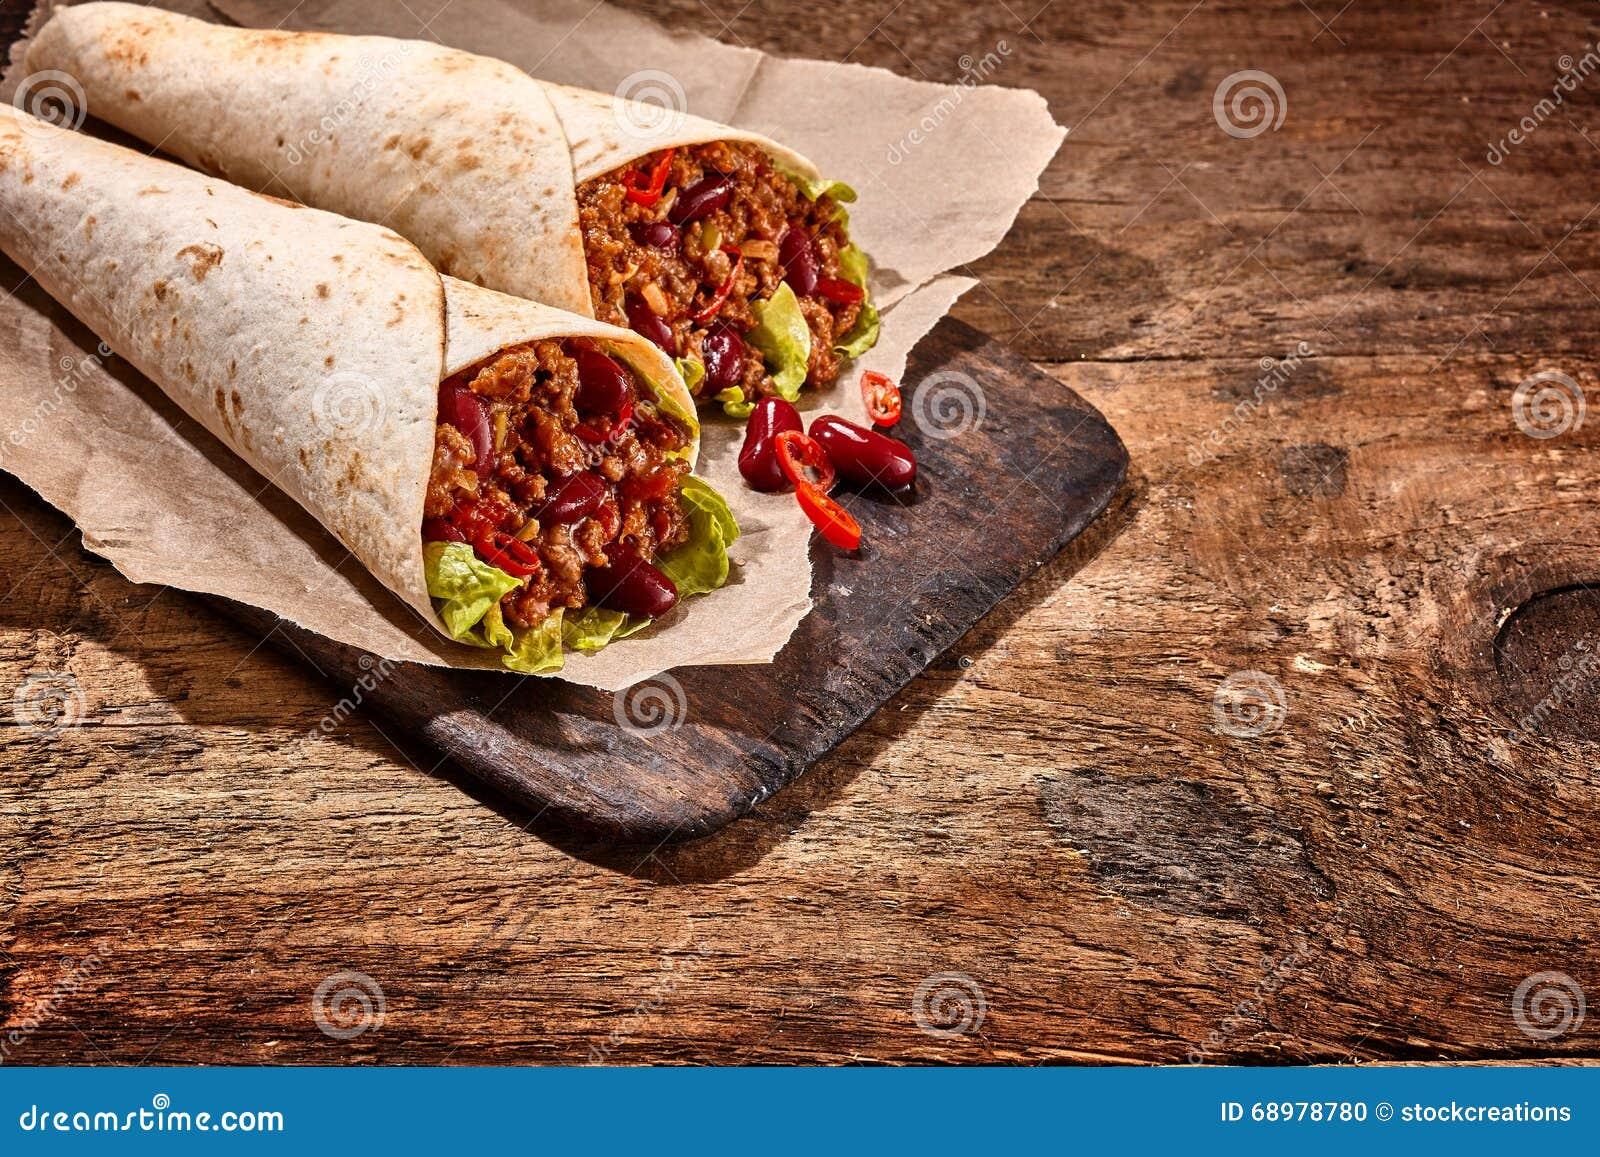 Paare von Chili Stuffed Tex Mex Wraps auf hölzerner Tabelle